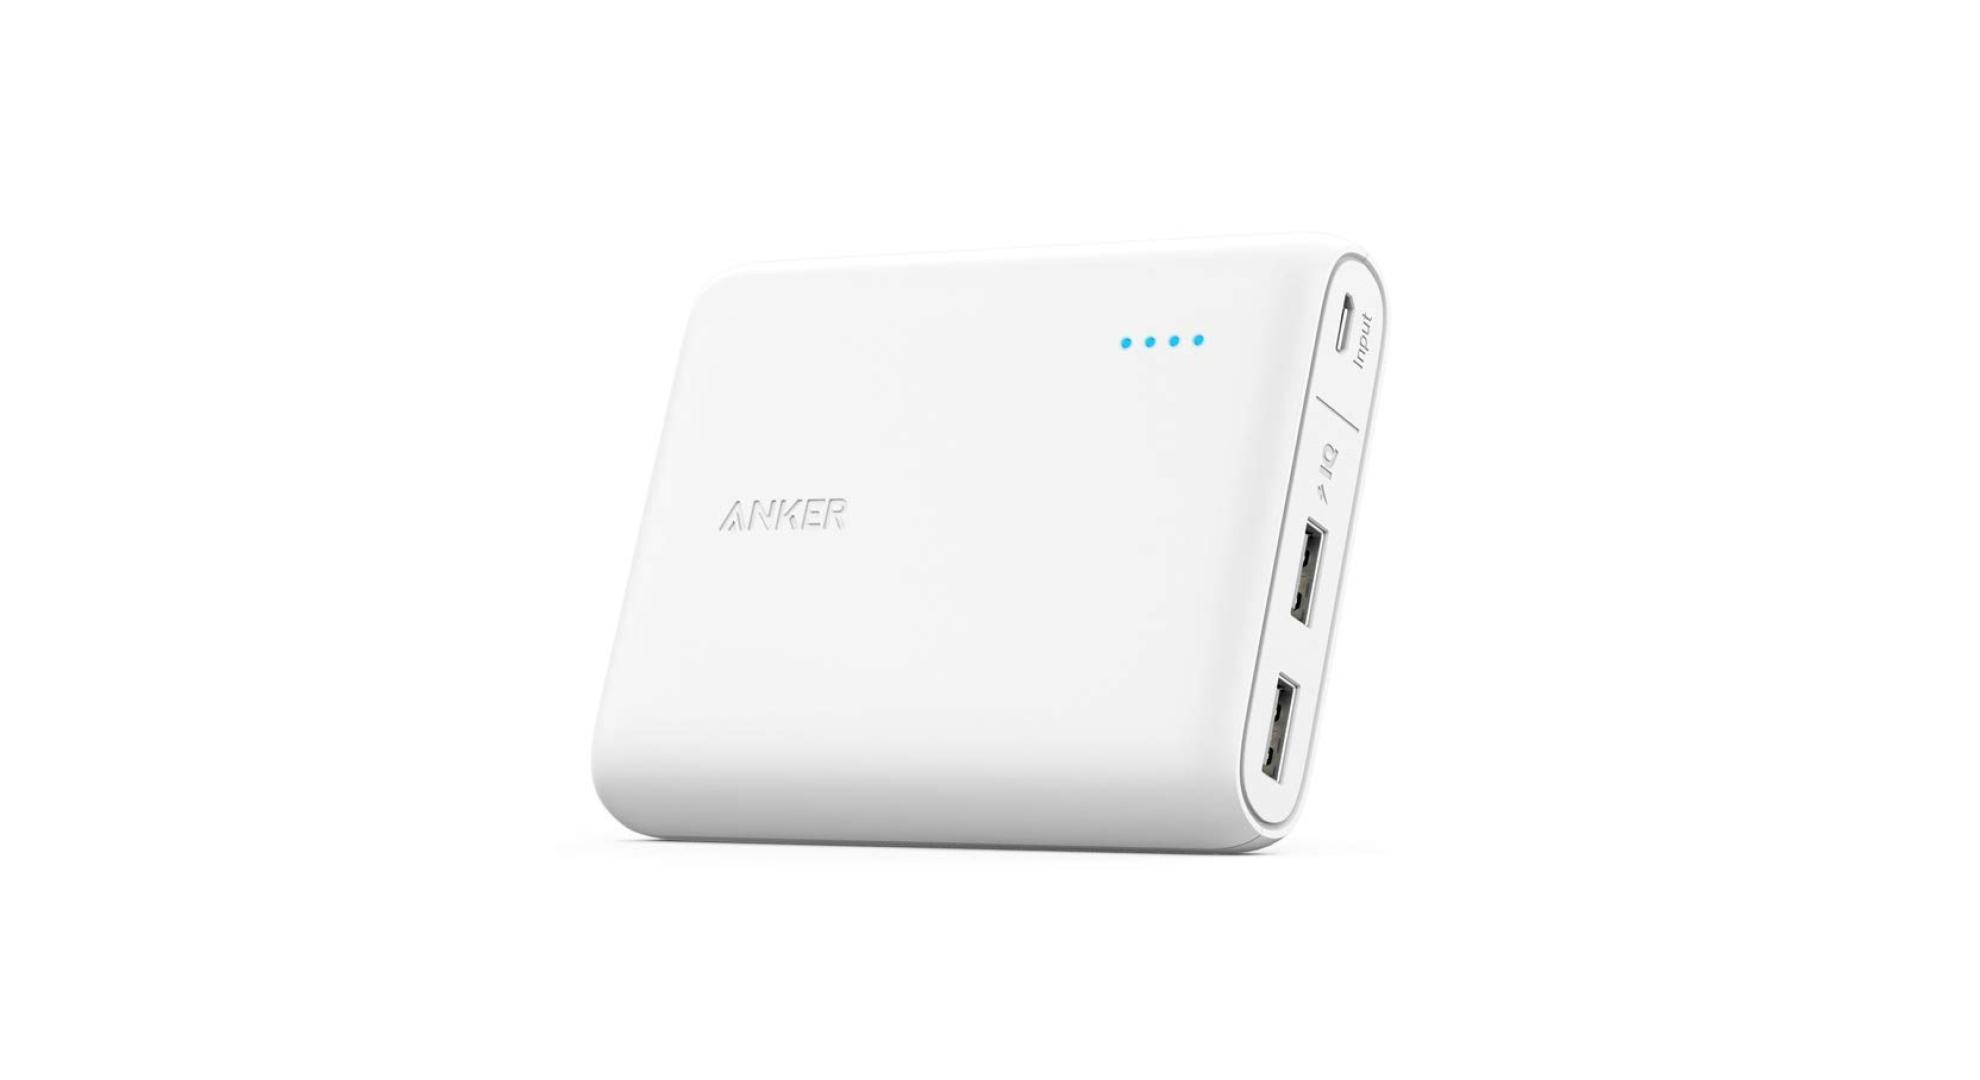 🔥 Bon plan : la batterie externe Anker PowerCore 13 000 mAh est disponible à 24 euros